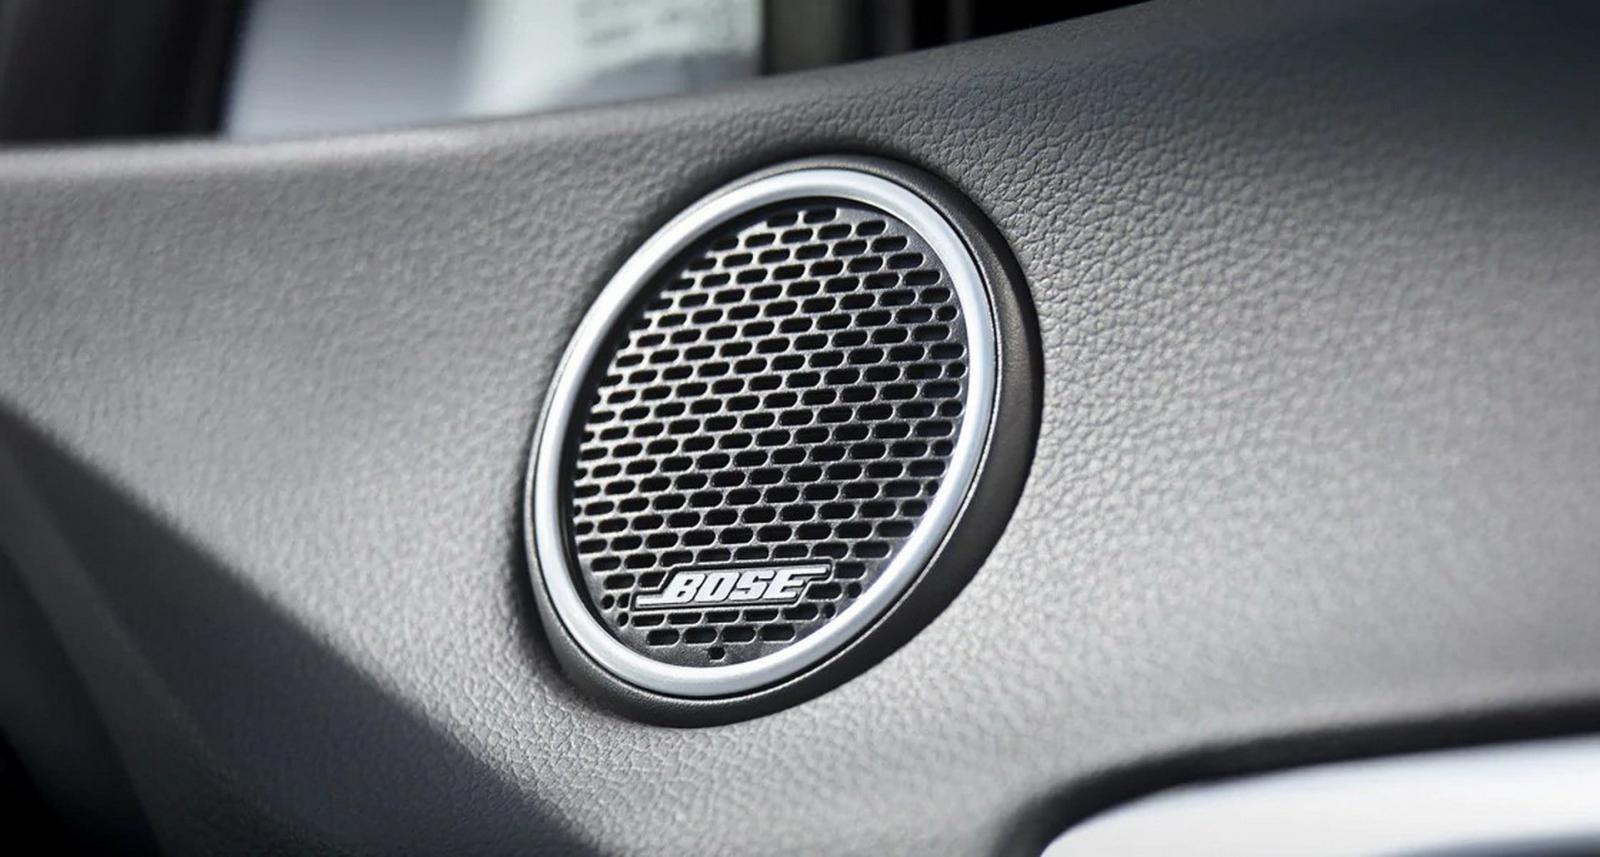 Hyundai Sonata 2020 được trang bị hệ thống âm thanh Bose Premium